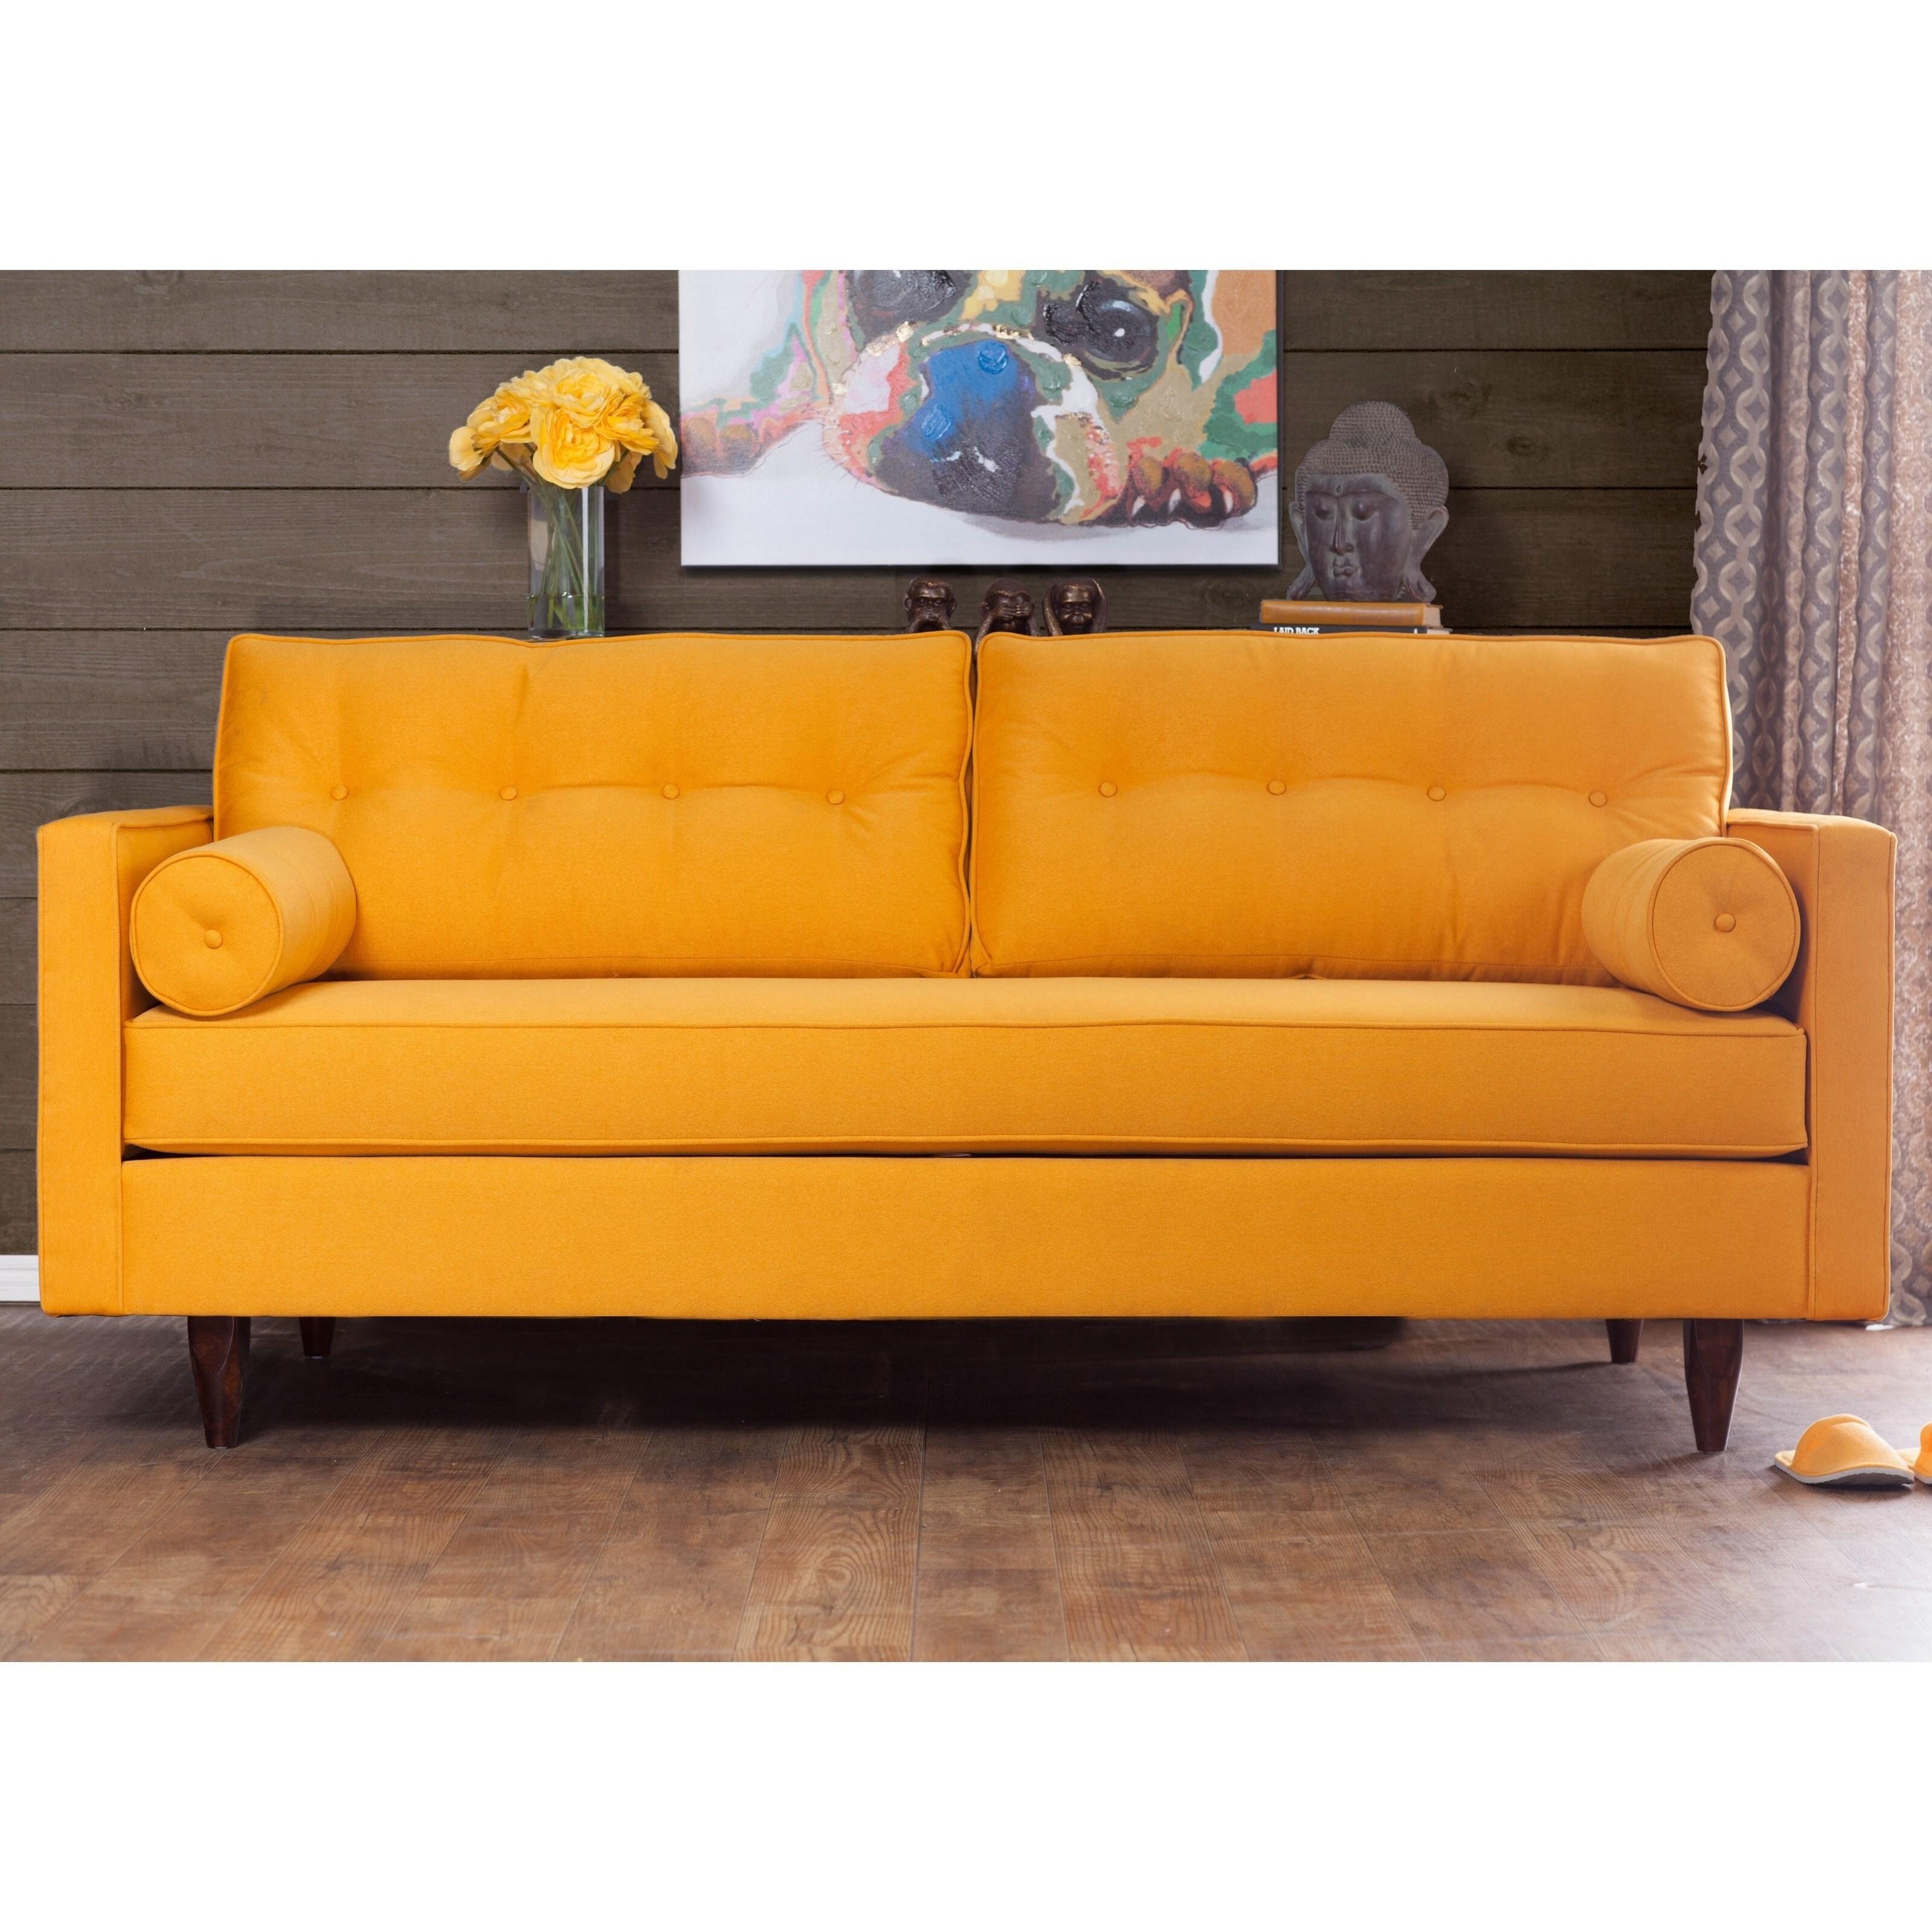 Furniture of America Kalinda Modern Mid-Century Sunshine ...